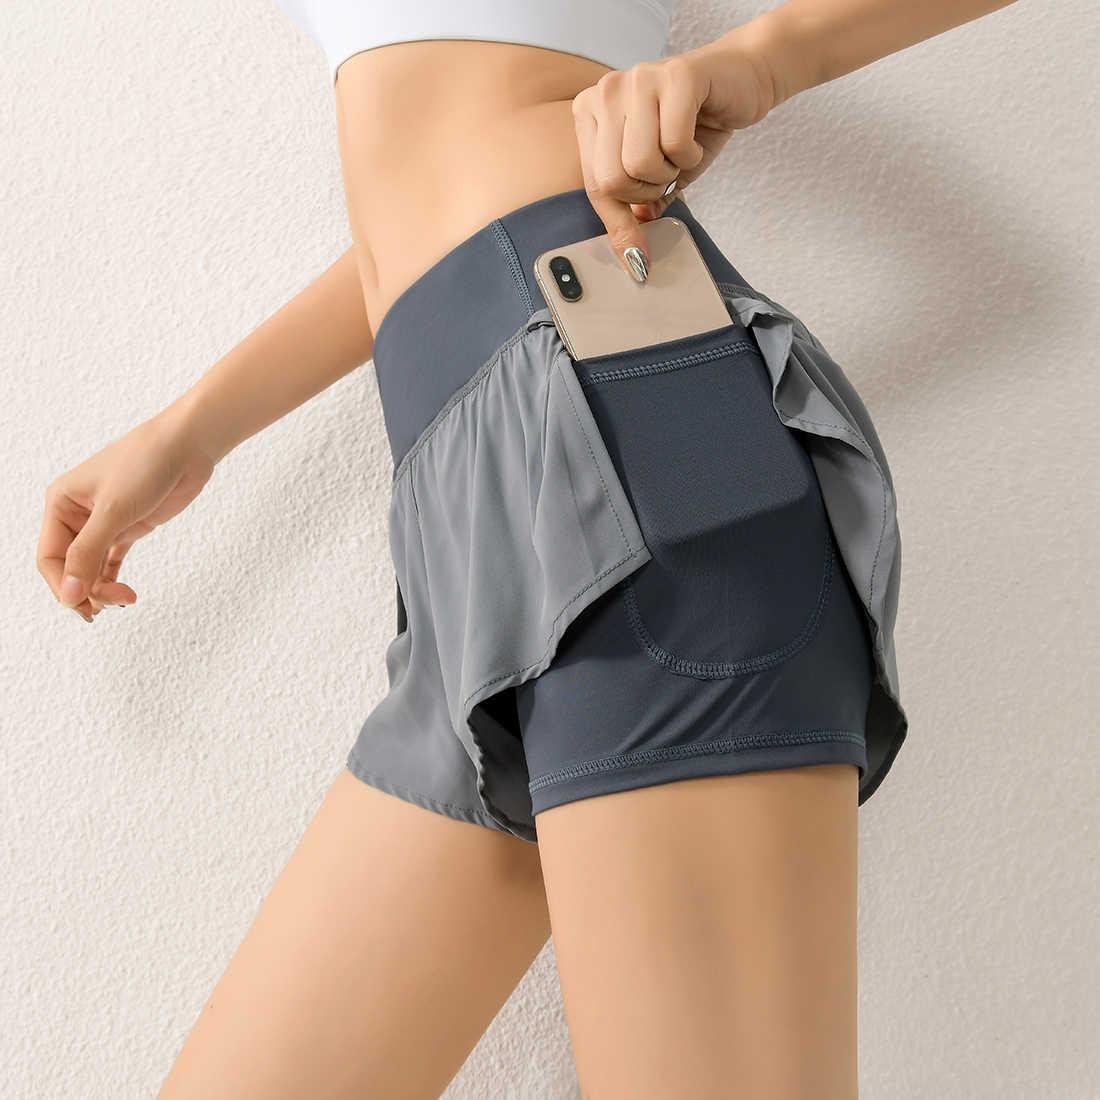 CALOFE 2020 femmes gymnase Double Shorts poche latérale Shorts de course respirant séchage rapide femmes été court entraînement Fitness vêtements de sport